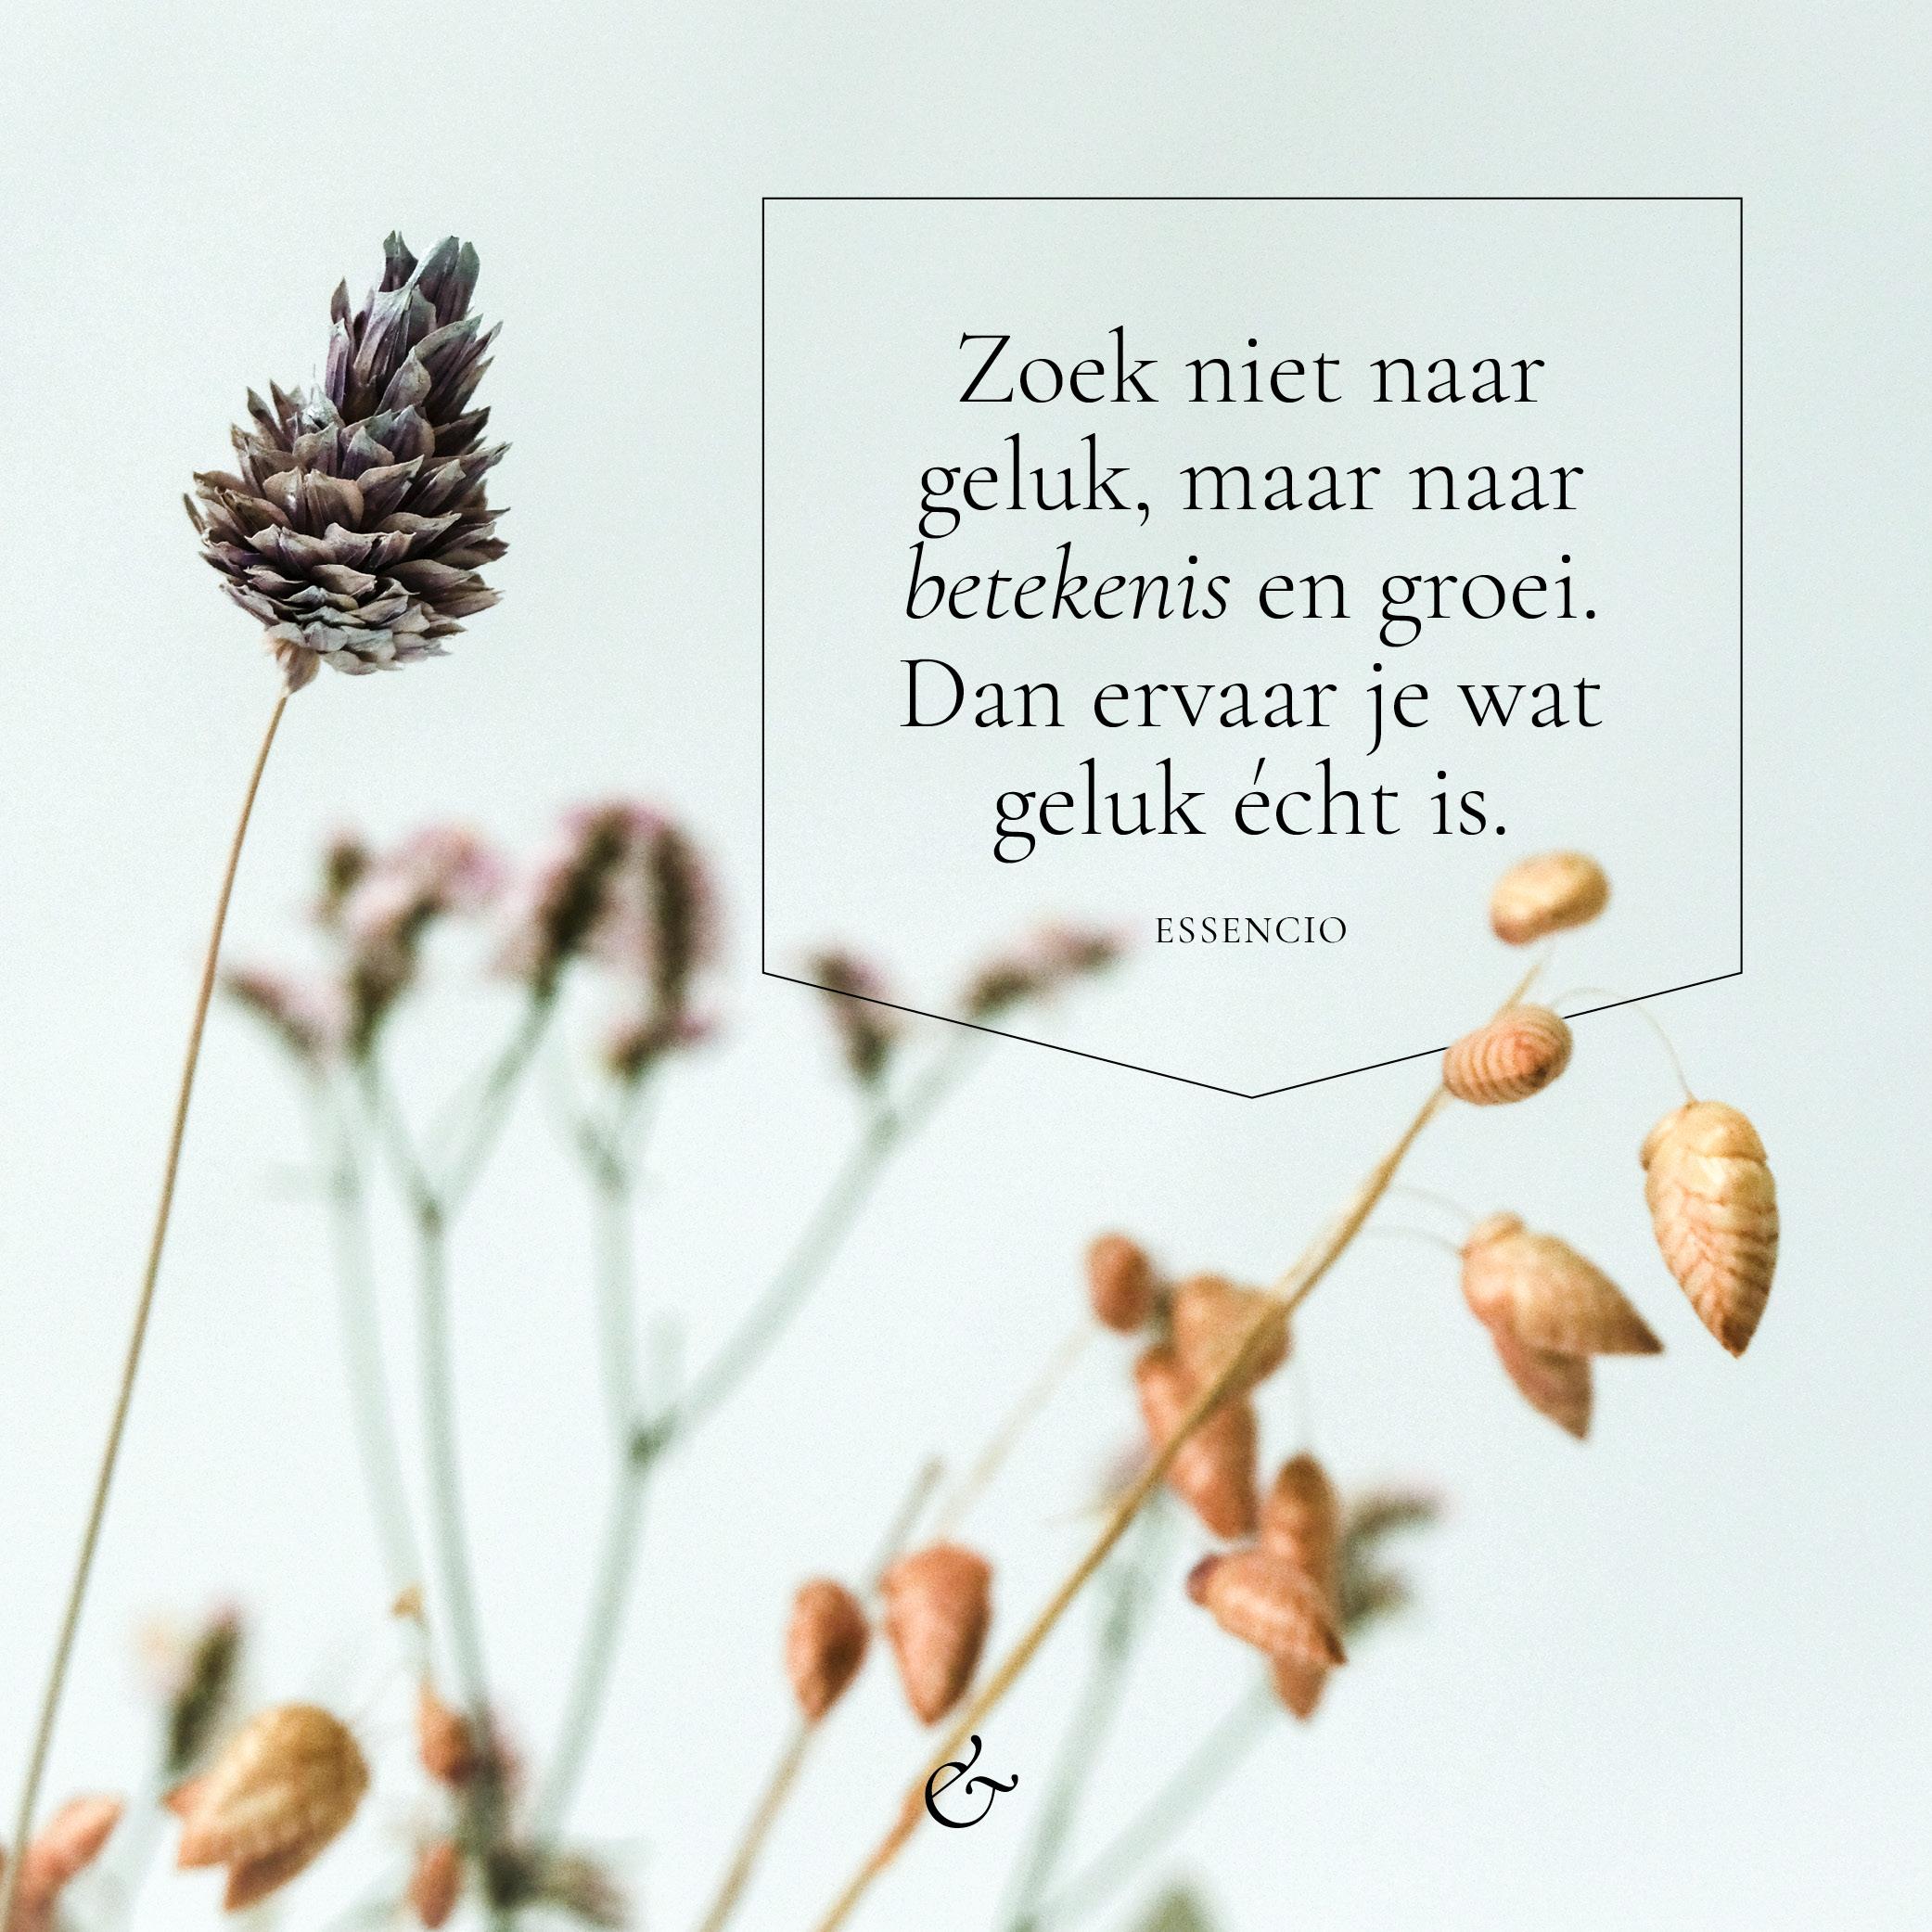 Essencio_Blog_Zoek niet naar geluk maar naar betekenis en groei - social media quote